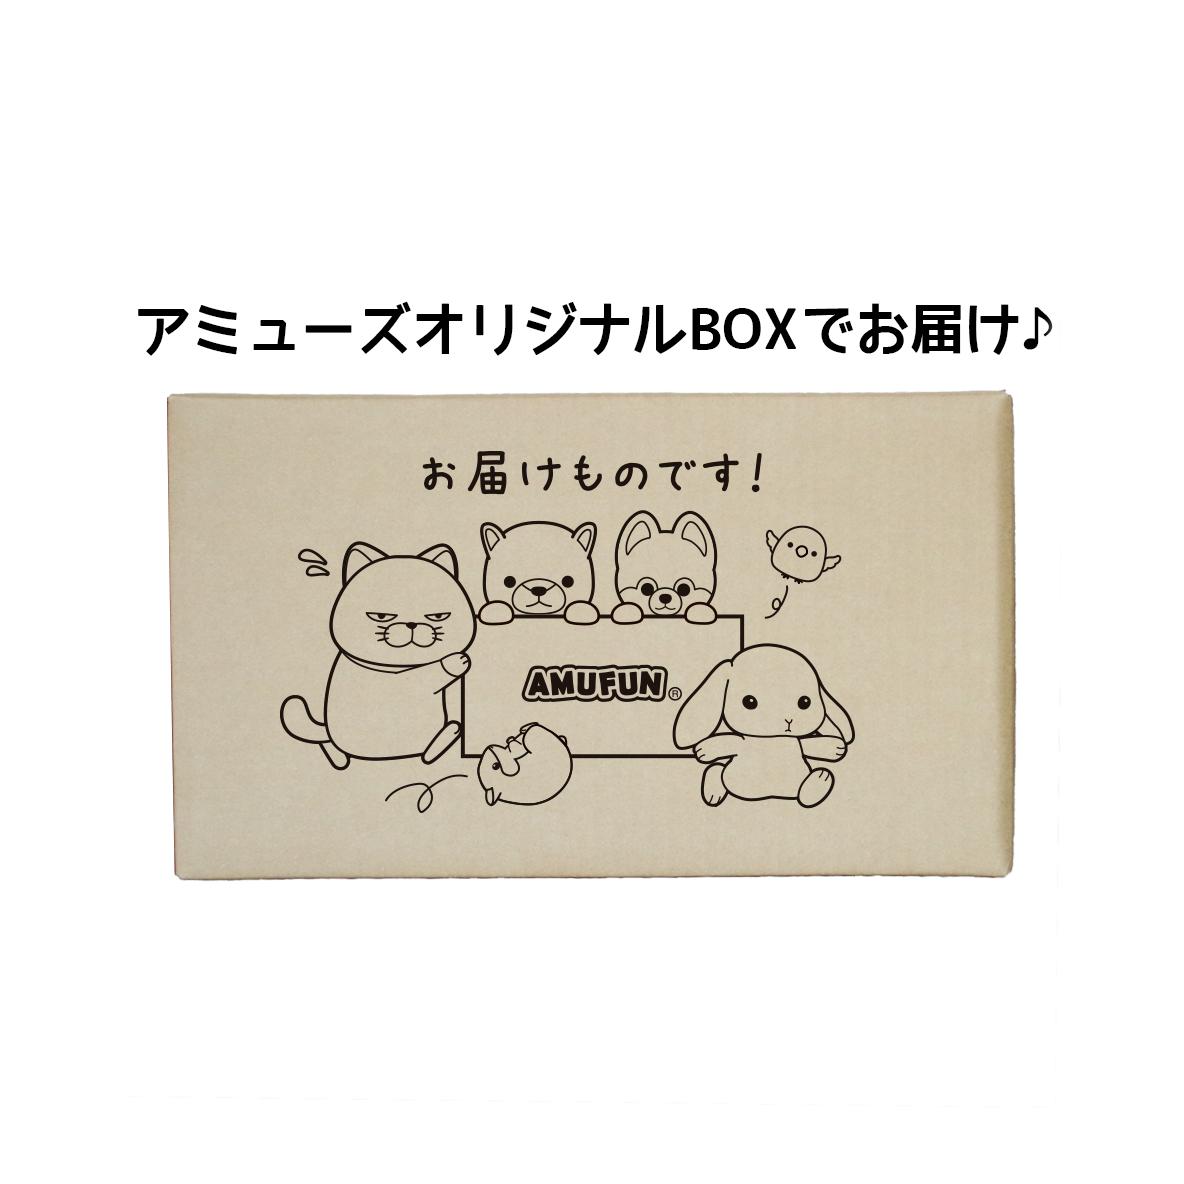 【数量限定】スペシャルアミュ箱(小)